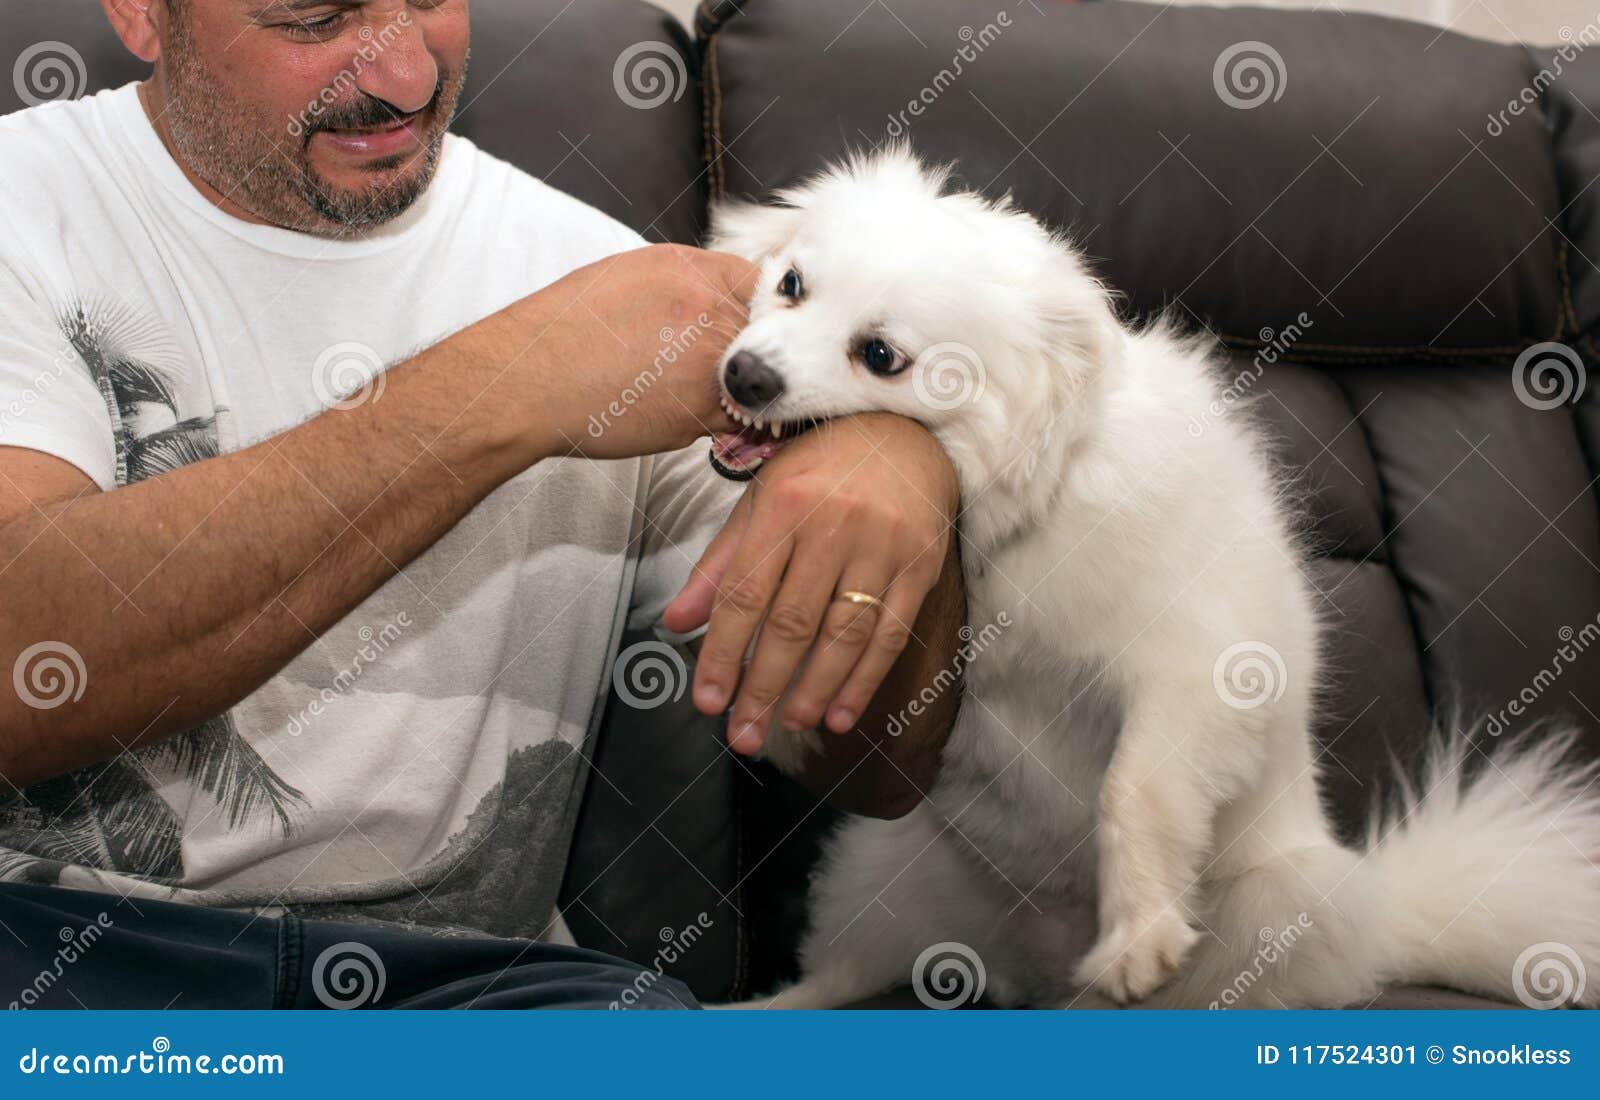 Άτομο που είναι κομμάτι από το σκυλί